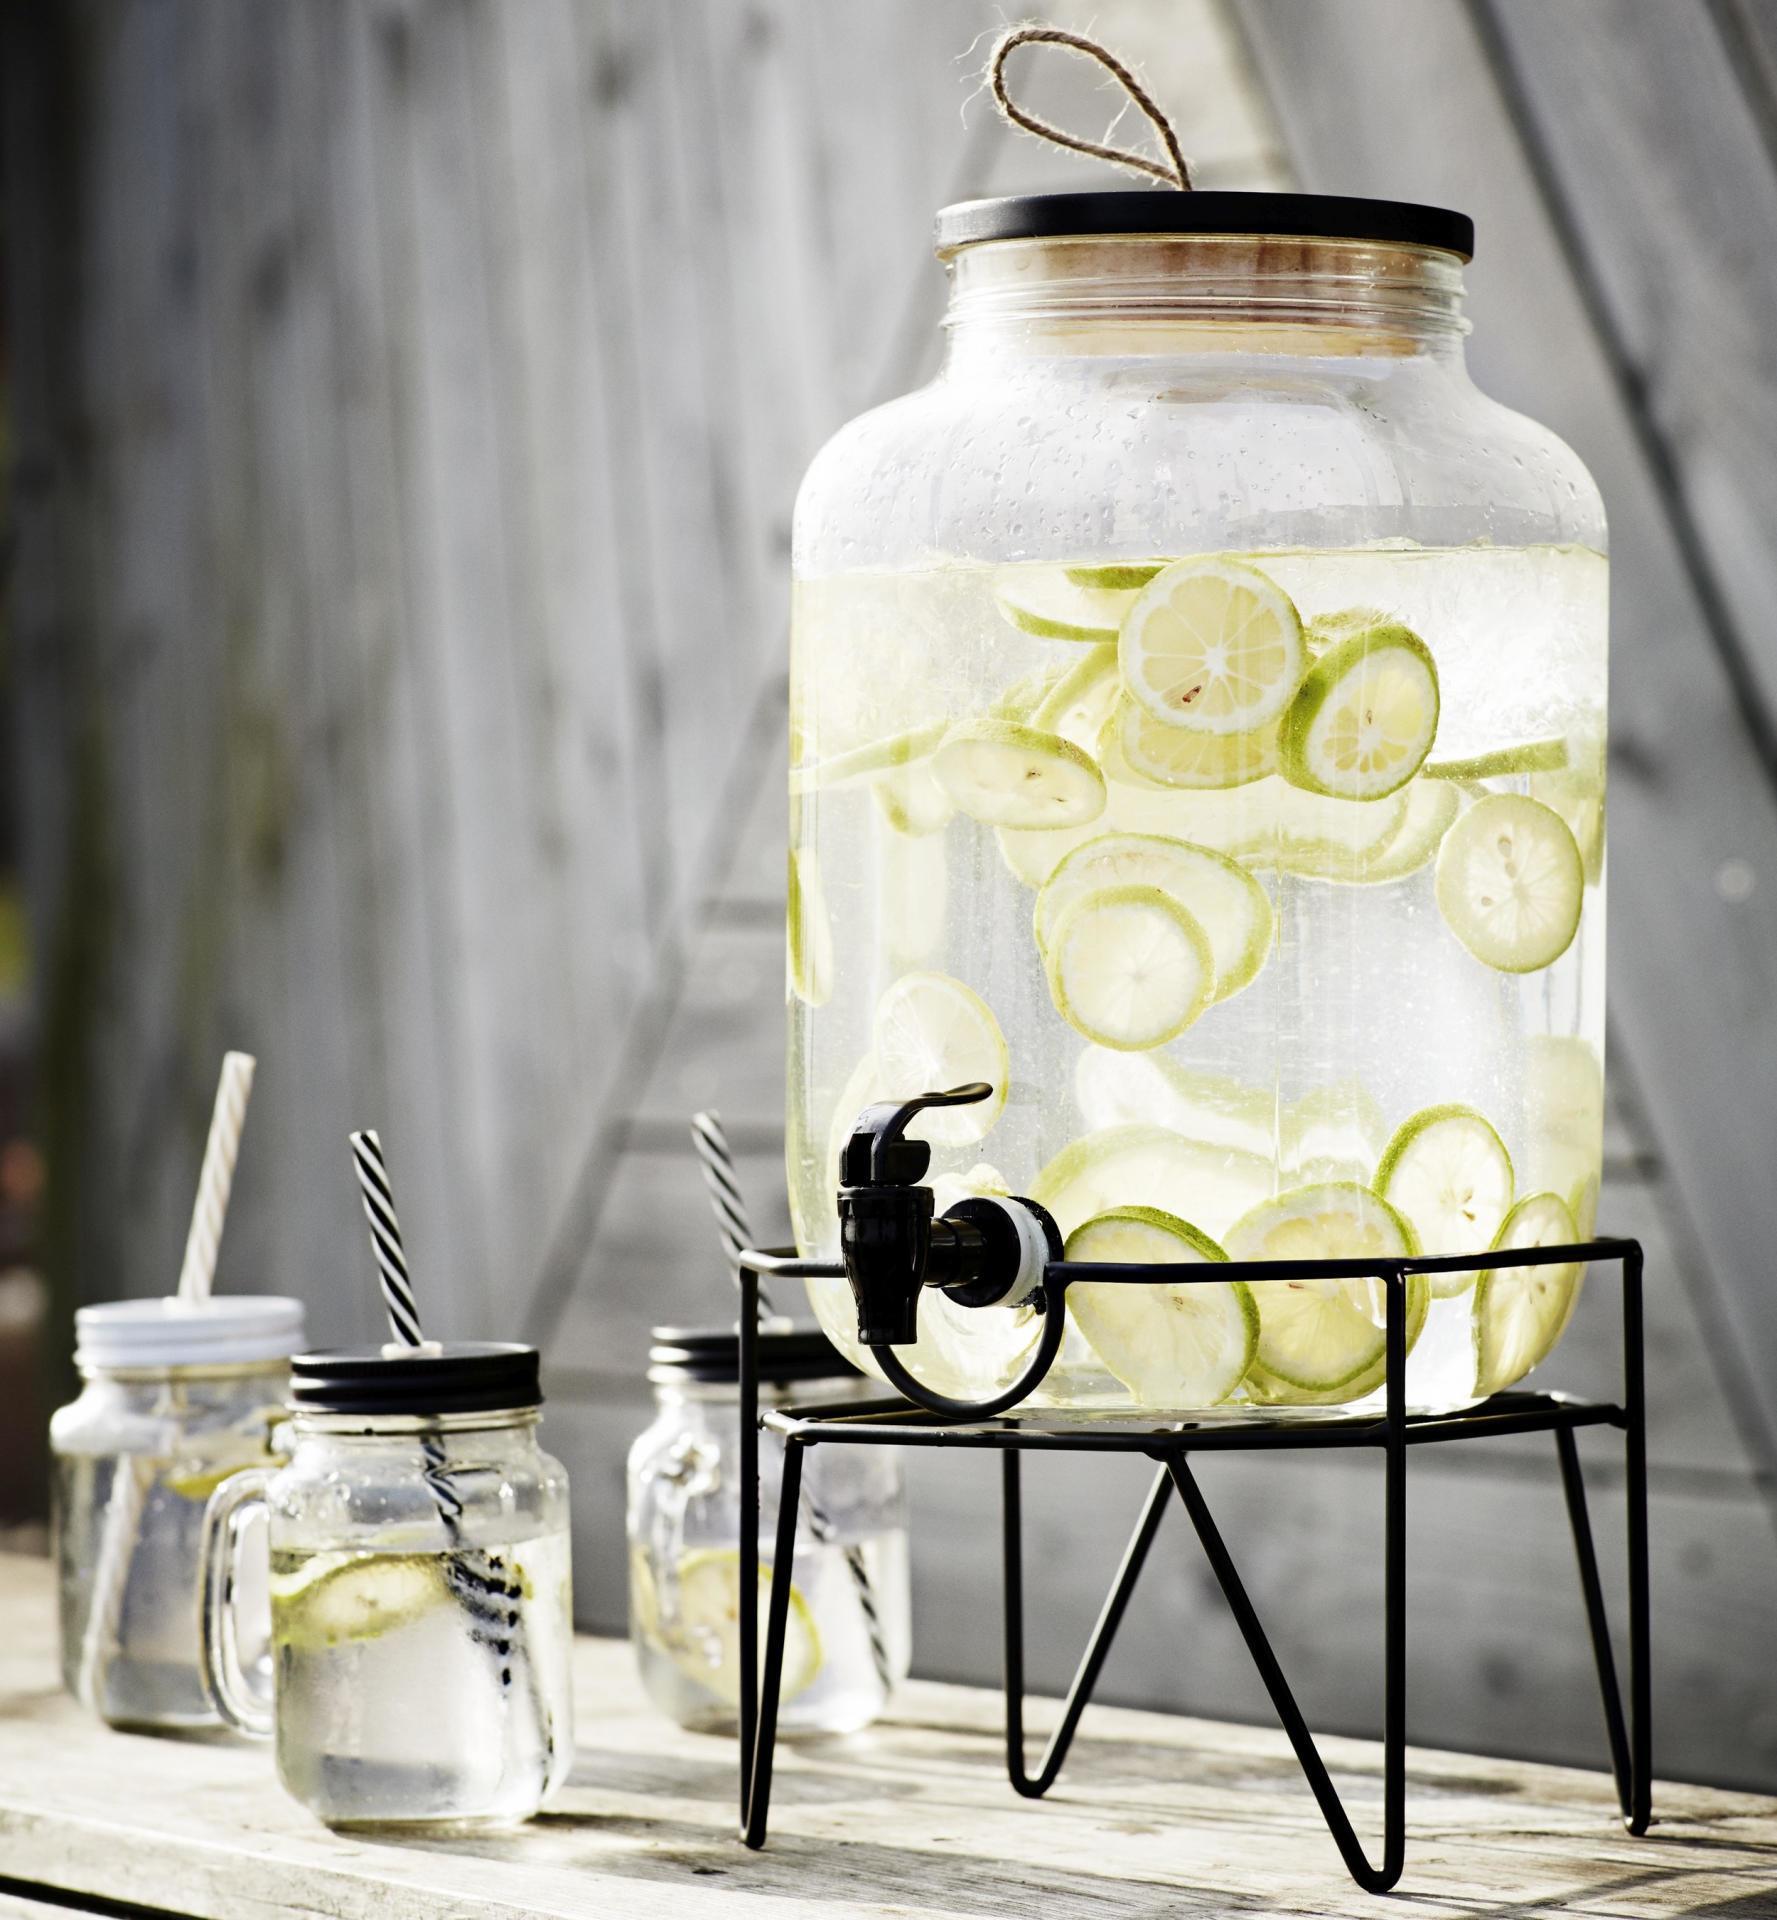 MADAM STOLTZ Nádoba na limonádu se stojanem Clear 8l, černá barva, čirá barva, sklo, dřevo, kov